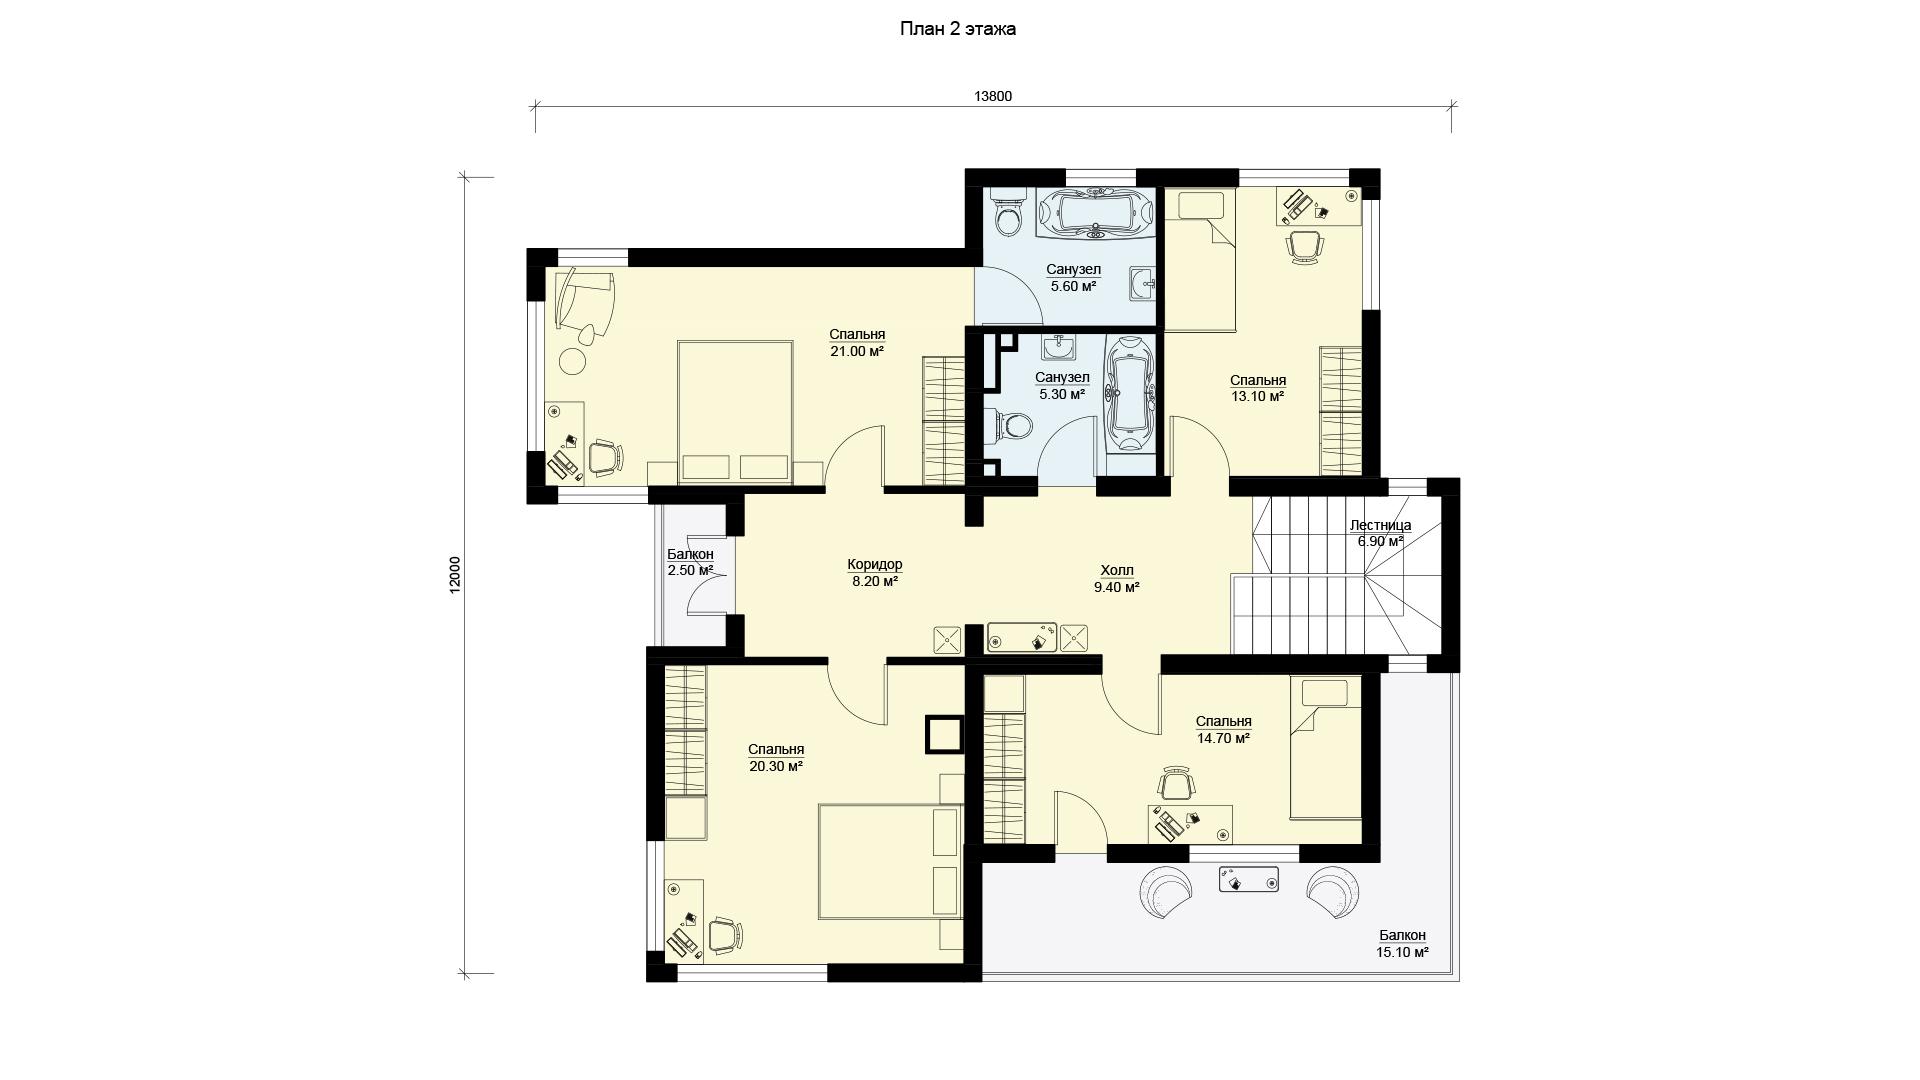 План второго этажа двухэтажного дома с эксплуатируемой крышей, проект БЭНПАН МС-247.